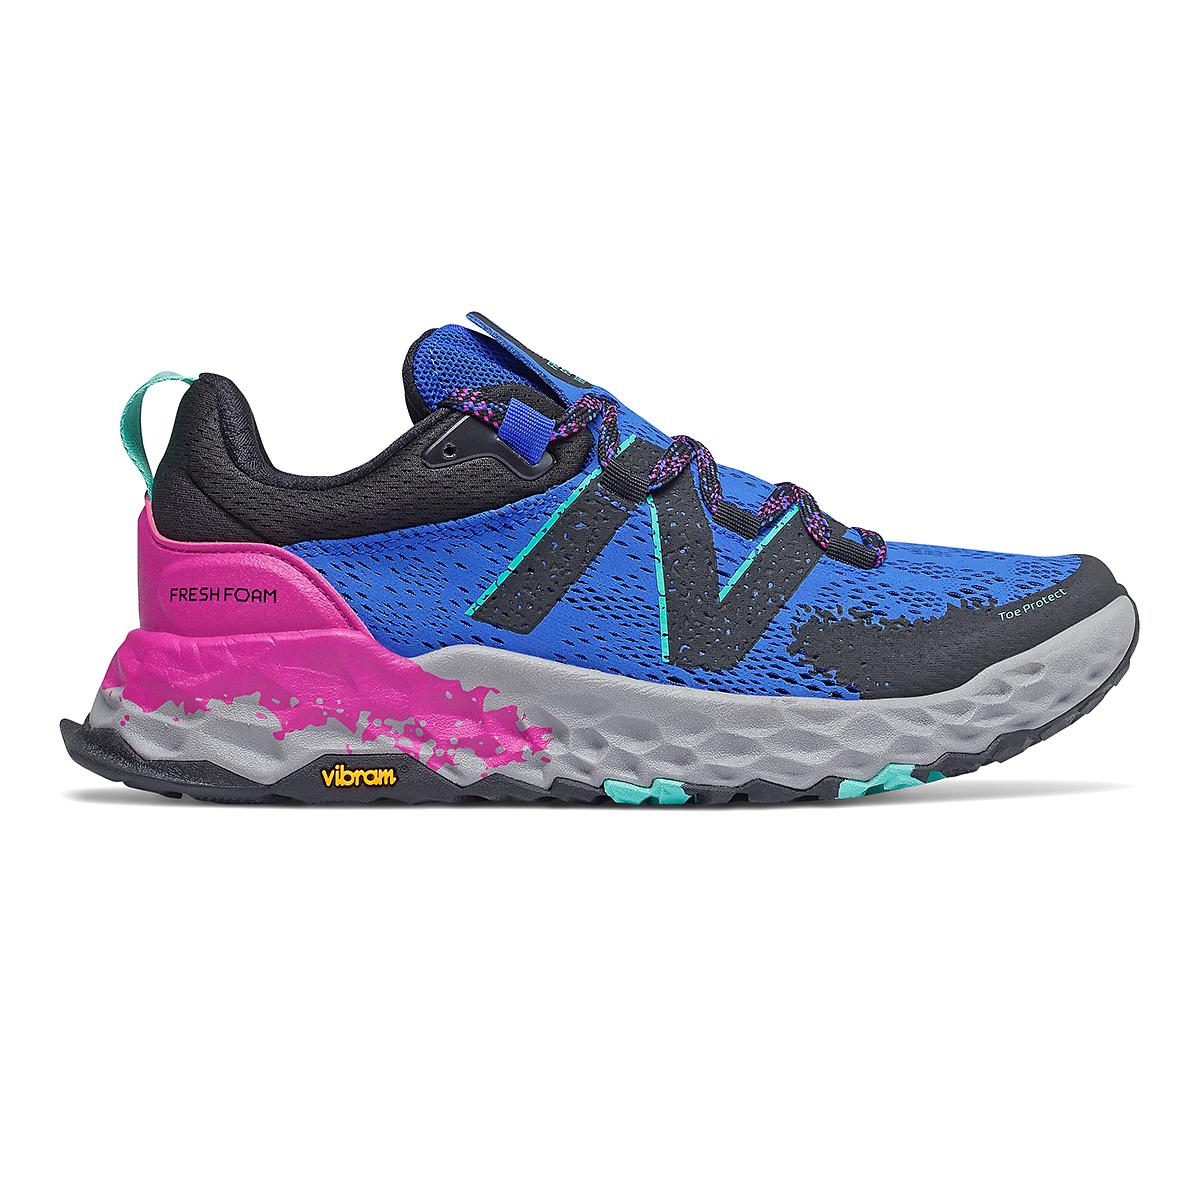 Women's New Balance Hierro V5 Running Shoe - Color: Cobalt - Size: 5.5 - Width: Regular, Cobalt, large, image 1